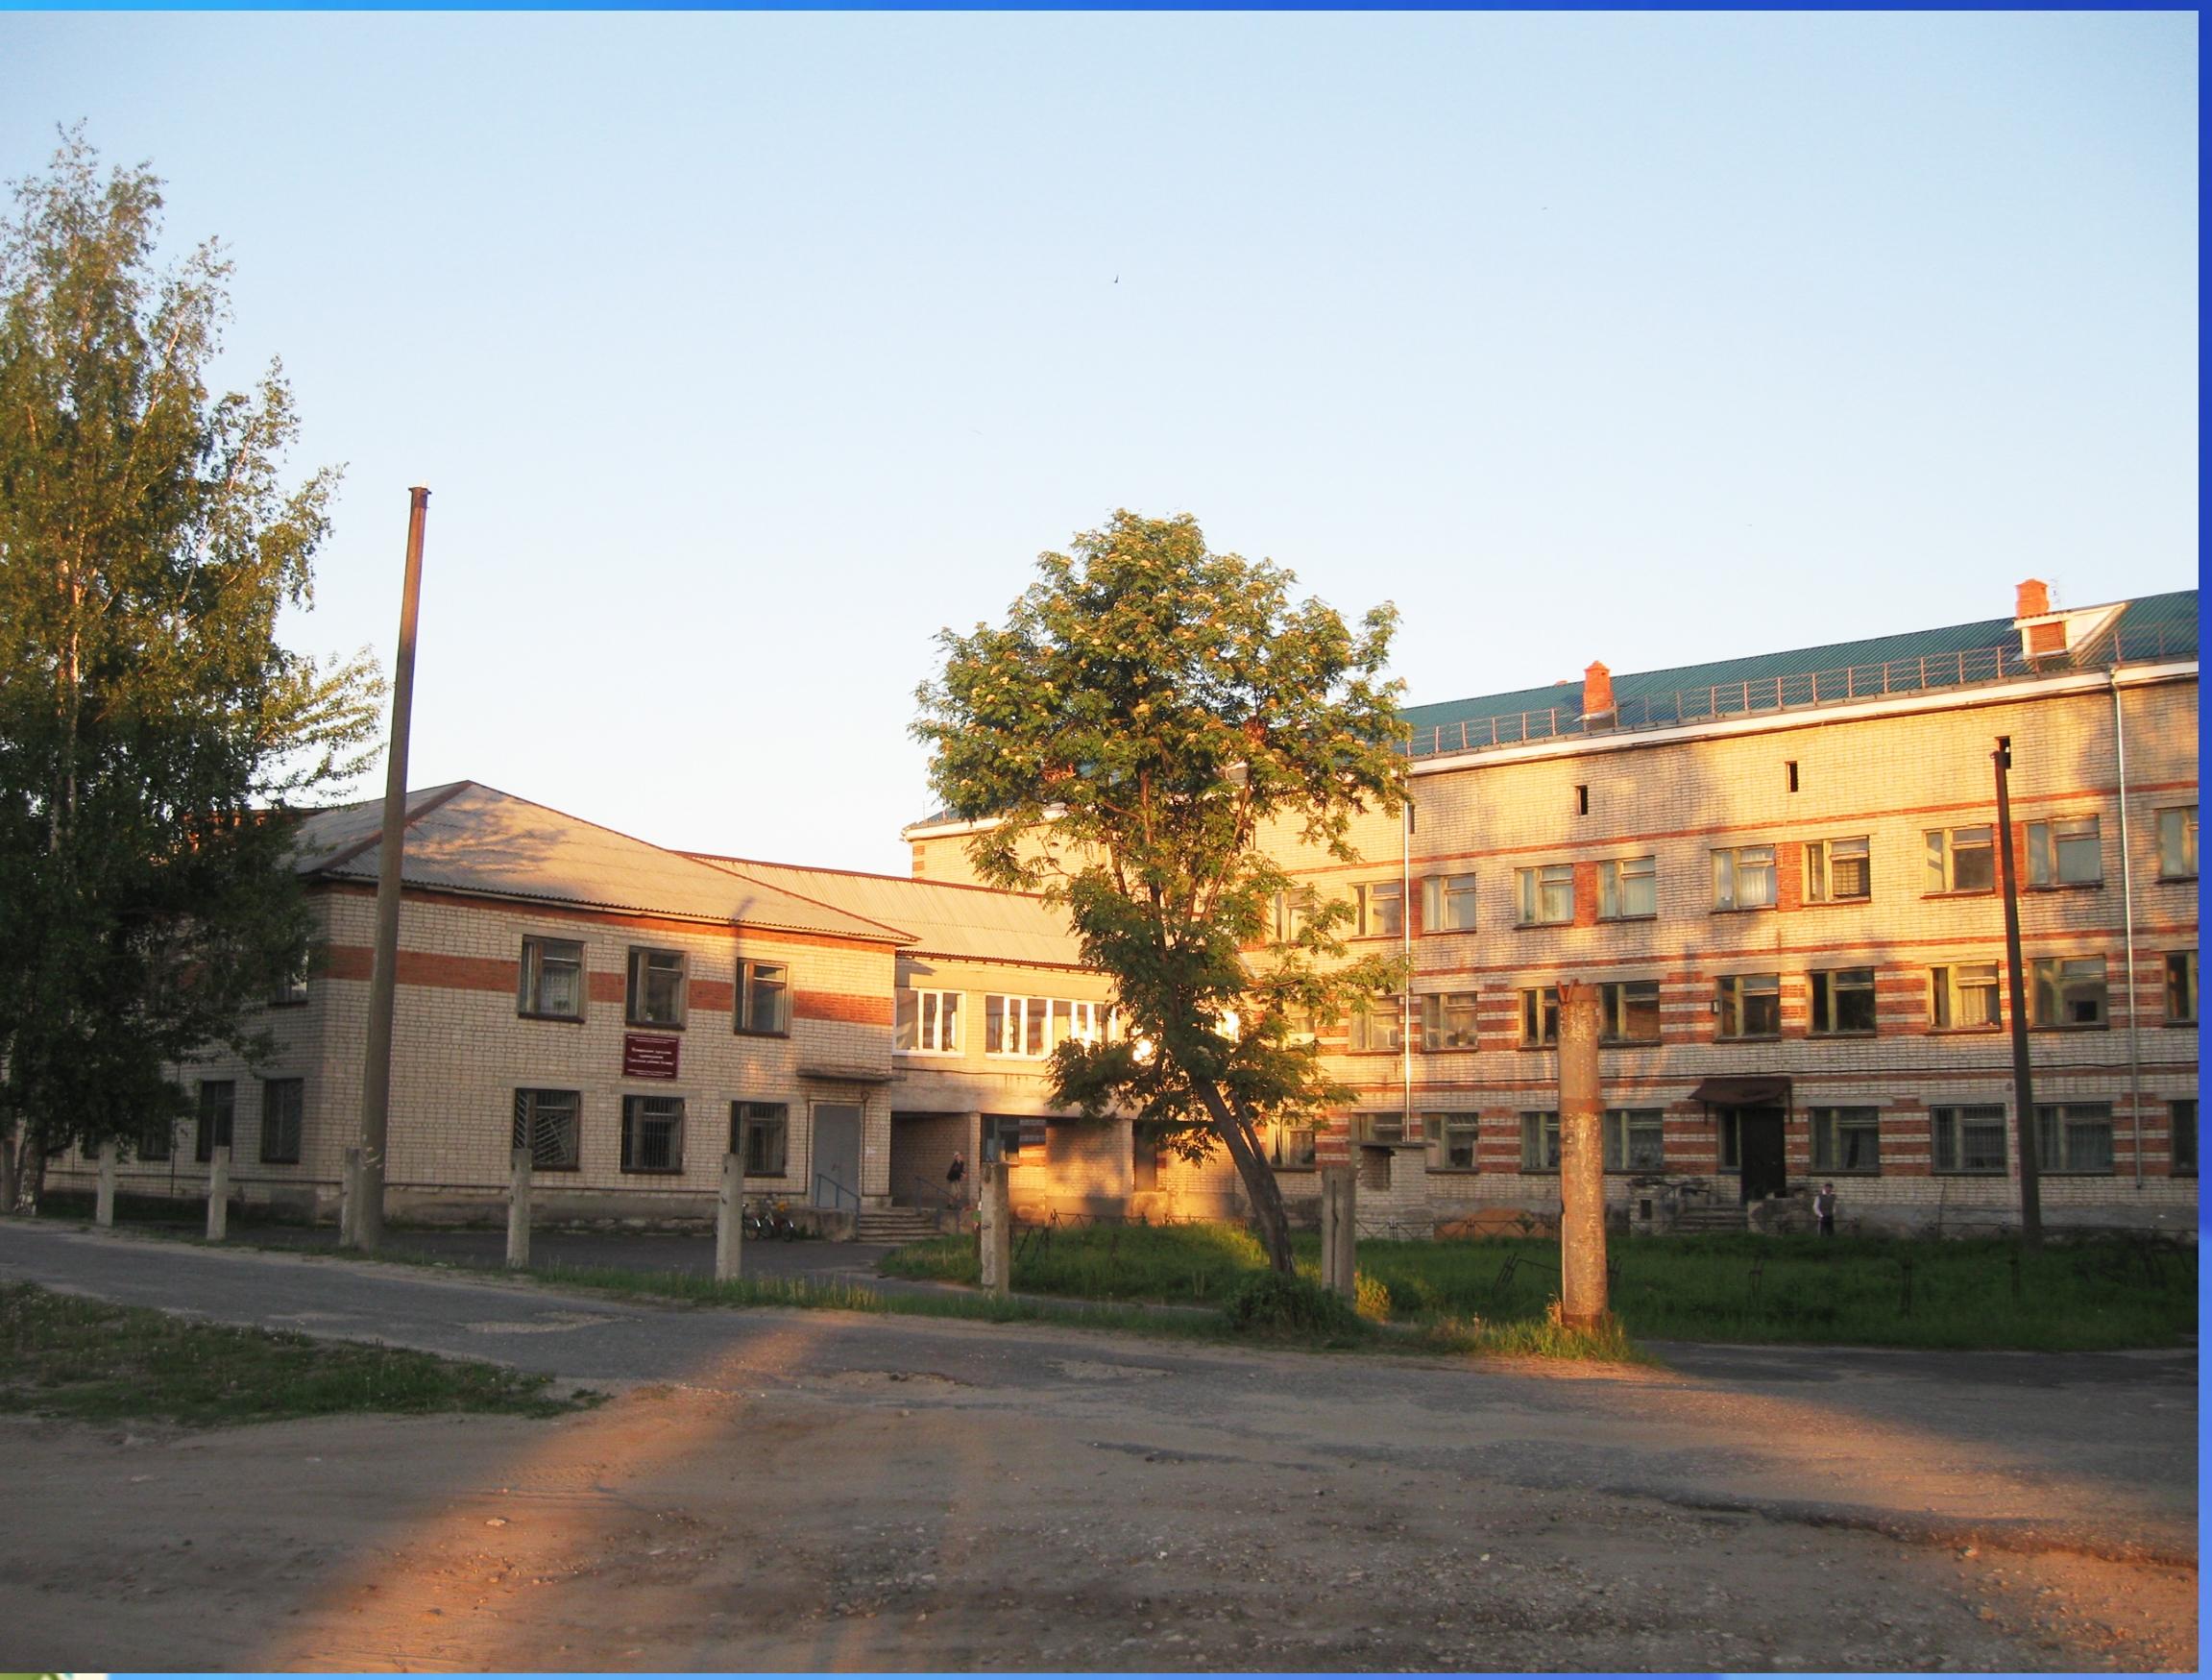 Больница 67 г москвы им л.а ворохобова